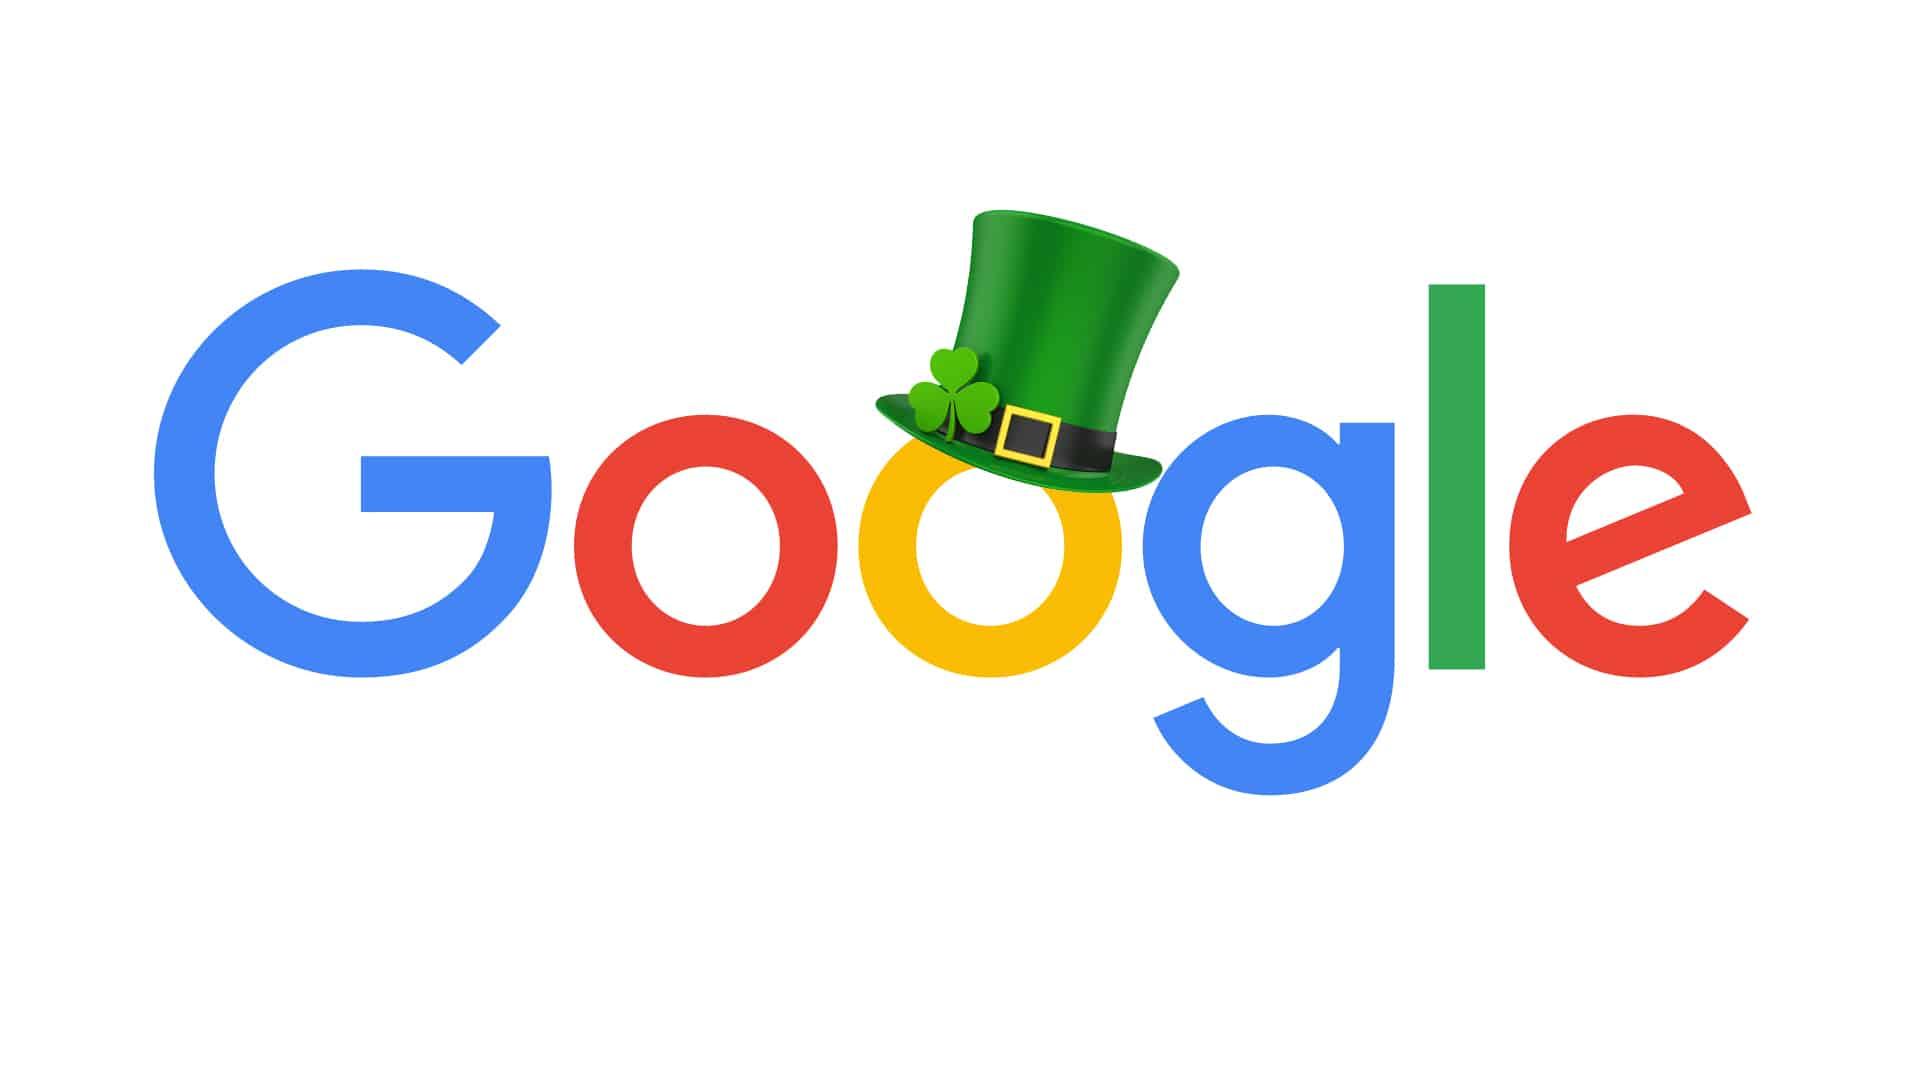 Google Irland wird DSGVO-Verantwortlicher – Änderung der Datenschutzerklärung notwendig